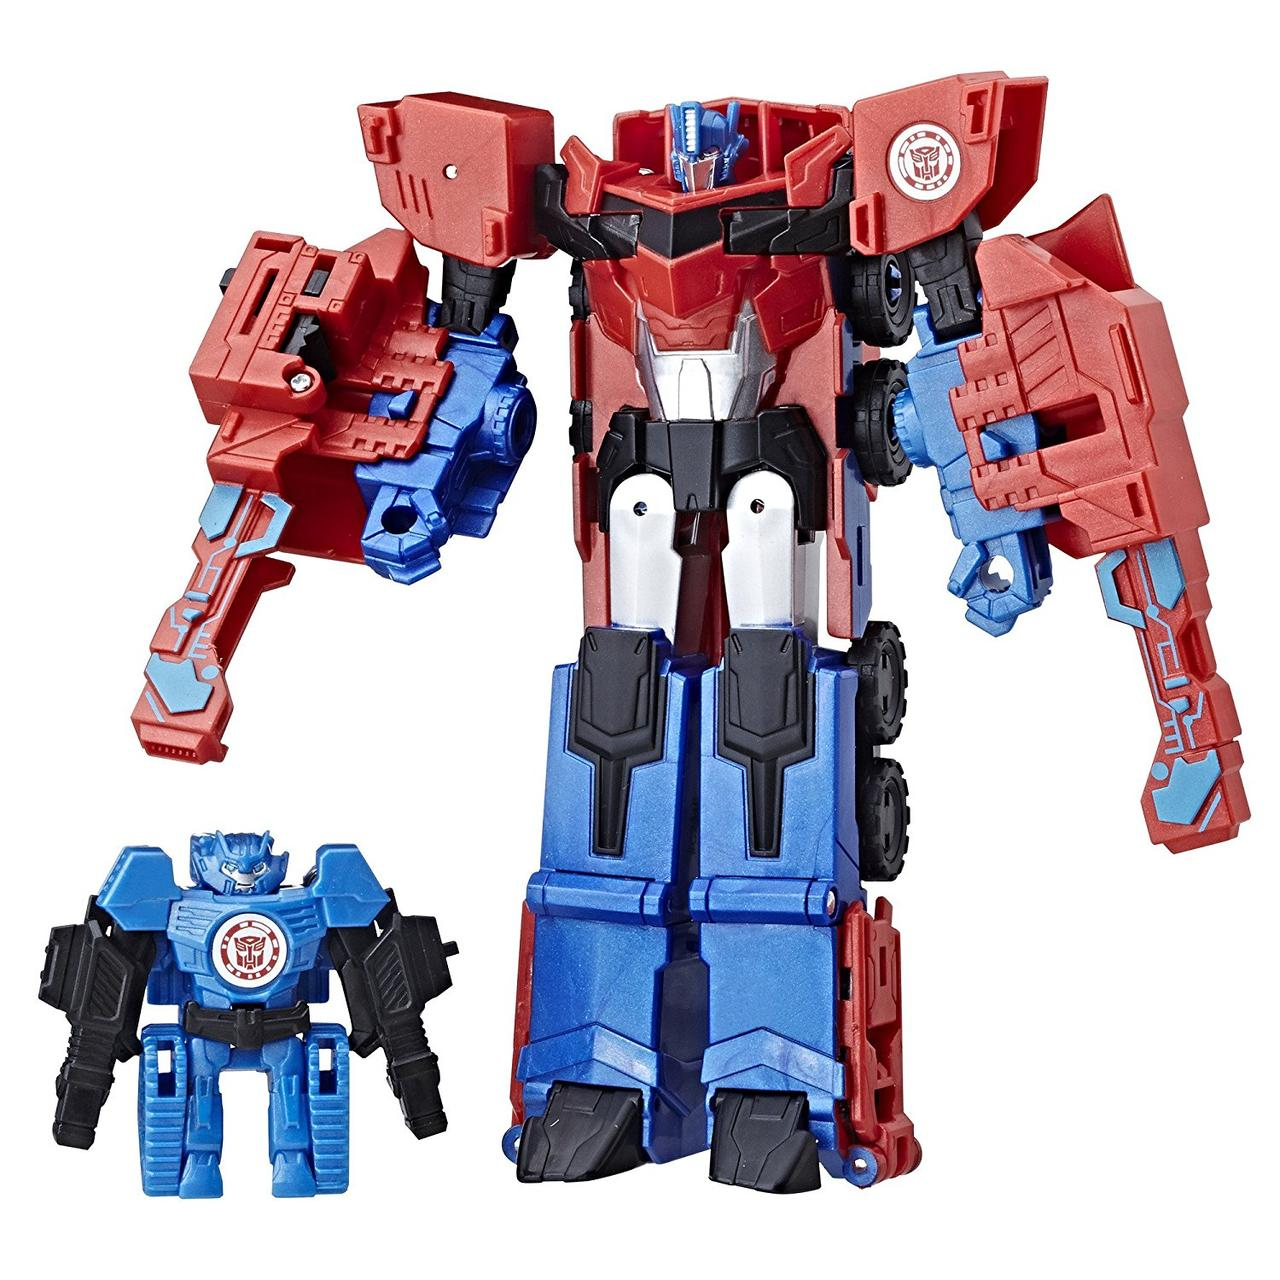 Трансформеры Transformers Роботы под прикрытием: Оптимус Прайм и мимикон HI-TEST Hasbro